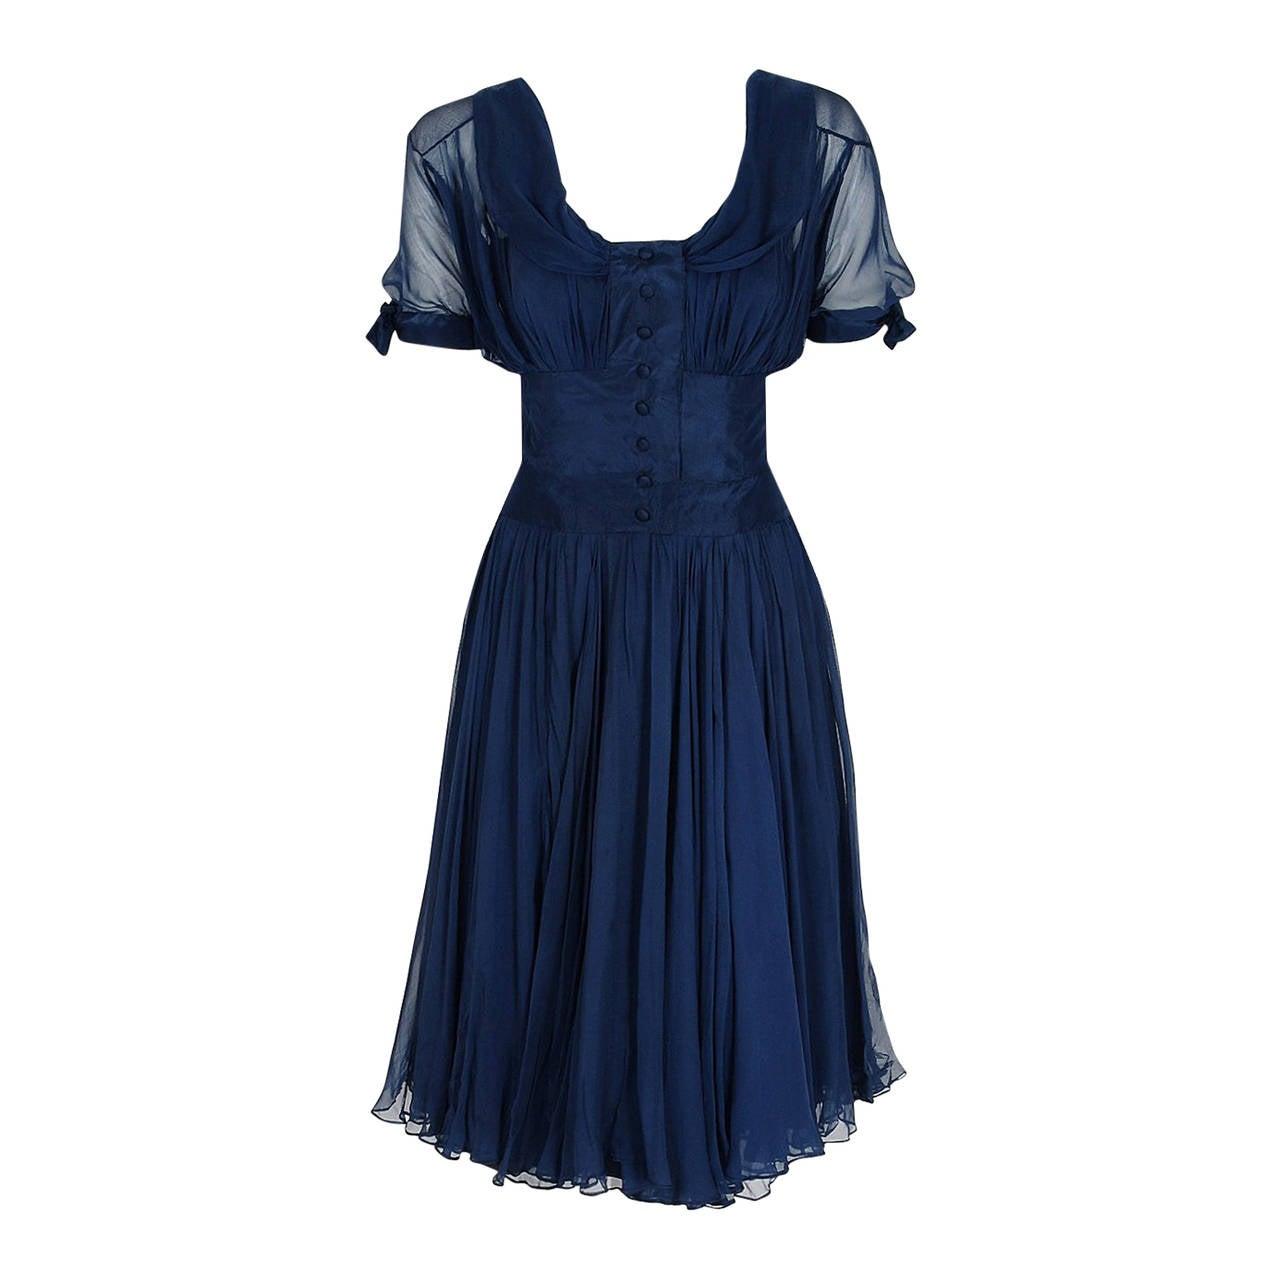 Jean Desses Haute Couture Sculpted Navy Blue Silk Chiffon Shelf-Bust Dress, 1955